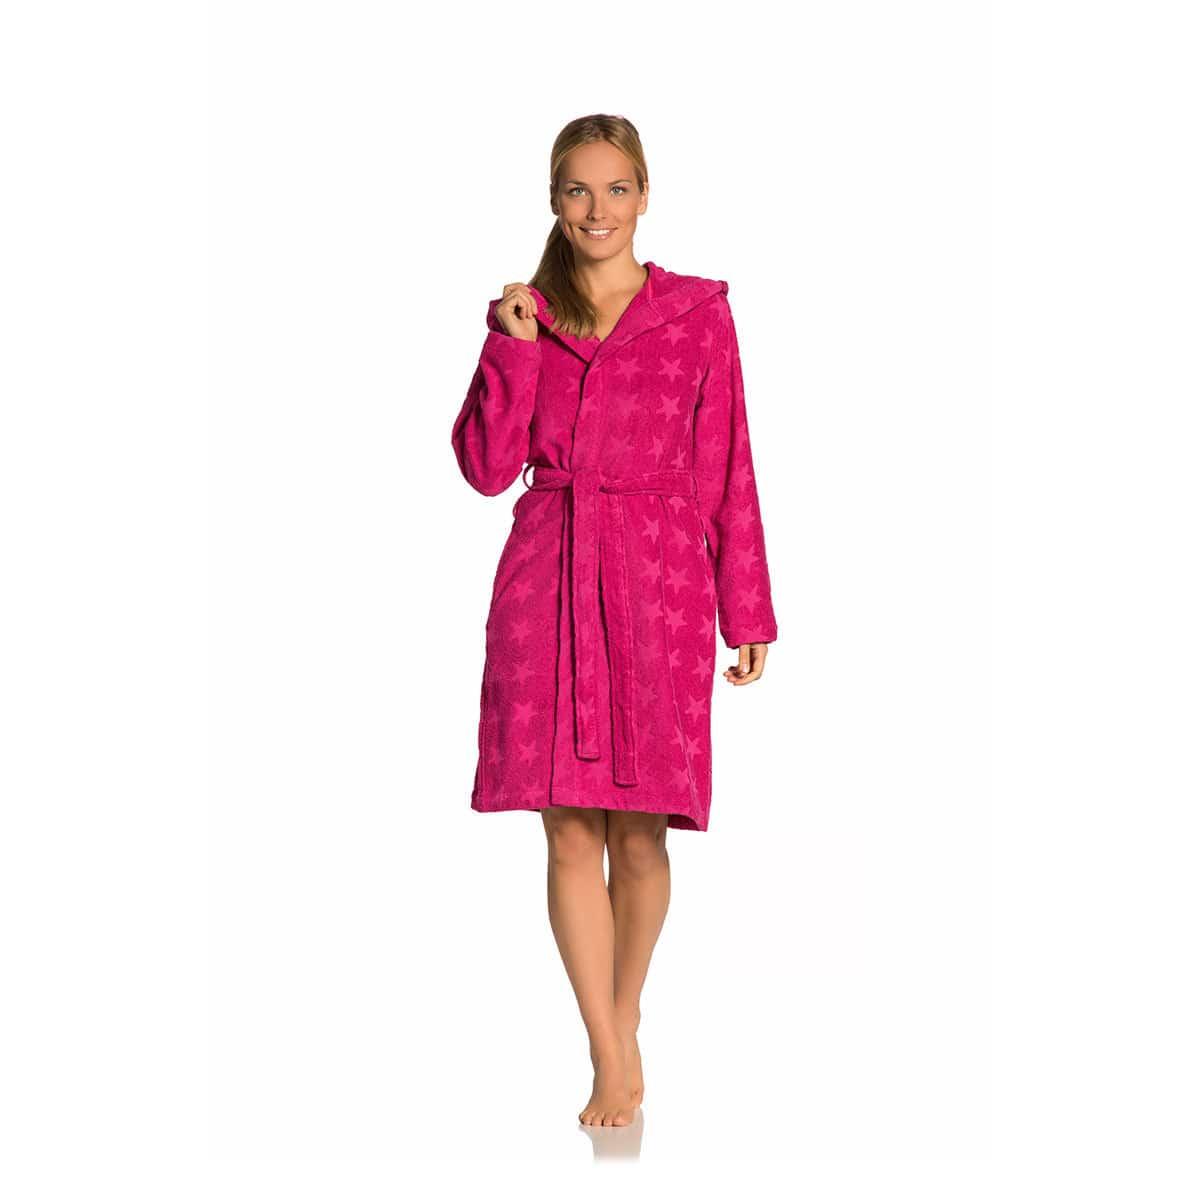 aecf18f50b074f Vossen Damen Bademantel Sally günstig online kaufen bei Bettwaren Shop